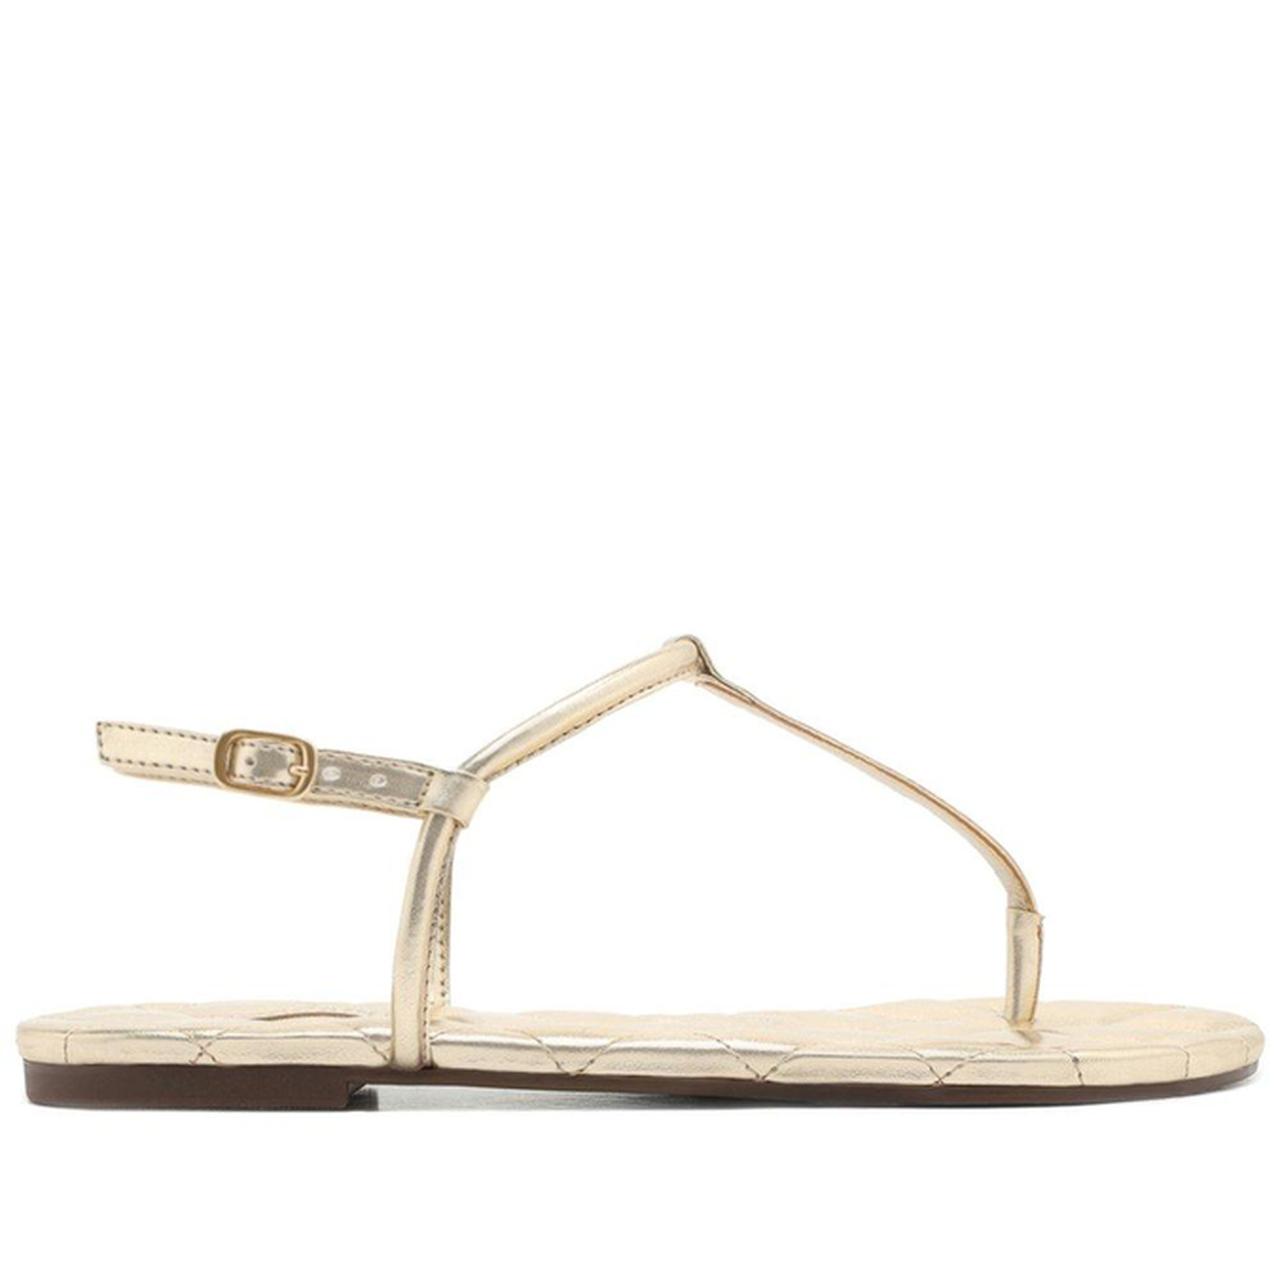 Sandália Dourada Matelassê Slim - AnaCapri